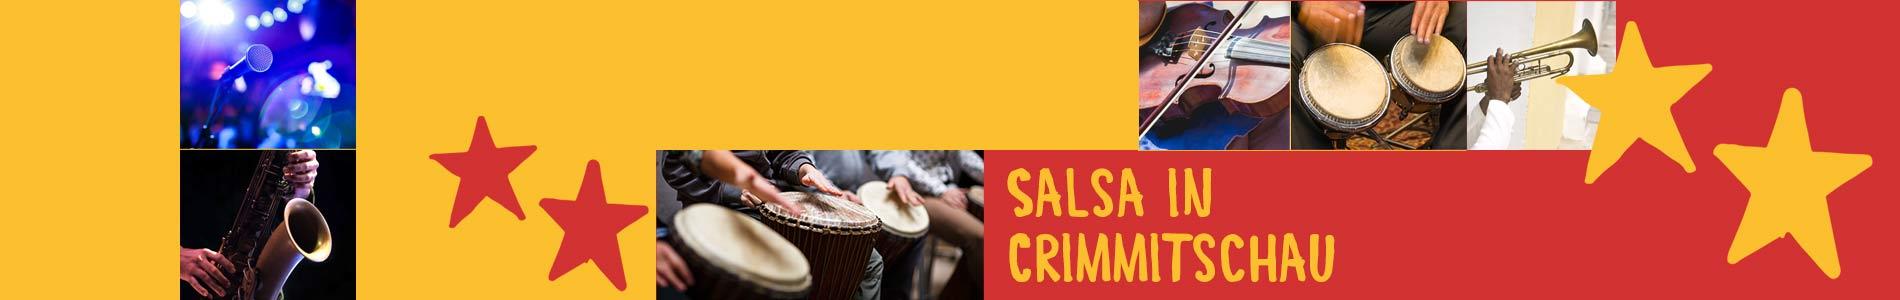 Salsa in Crimmitschau – Salsa lernen und tanzen, Tanzkurse, Partys, Veranstaltungen